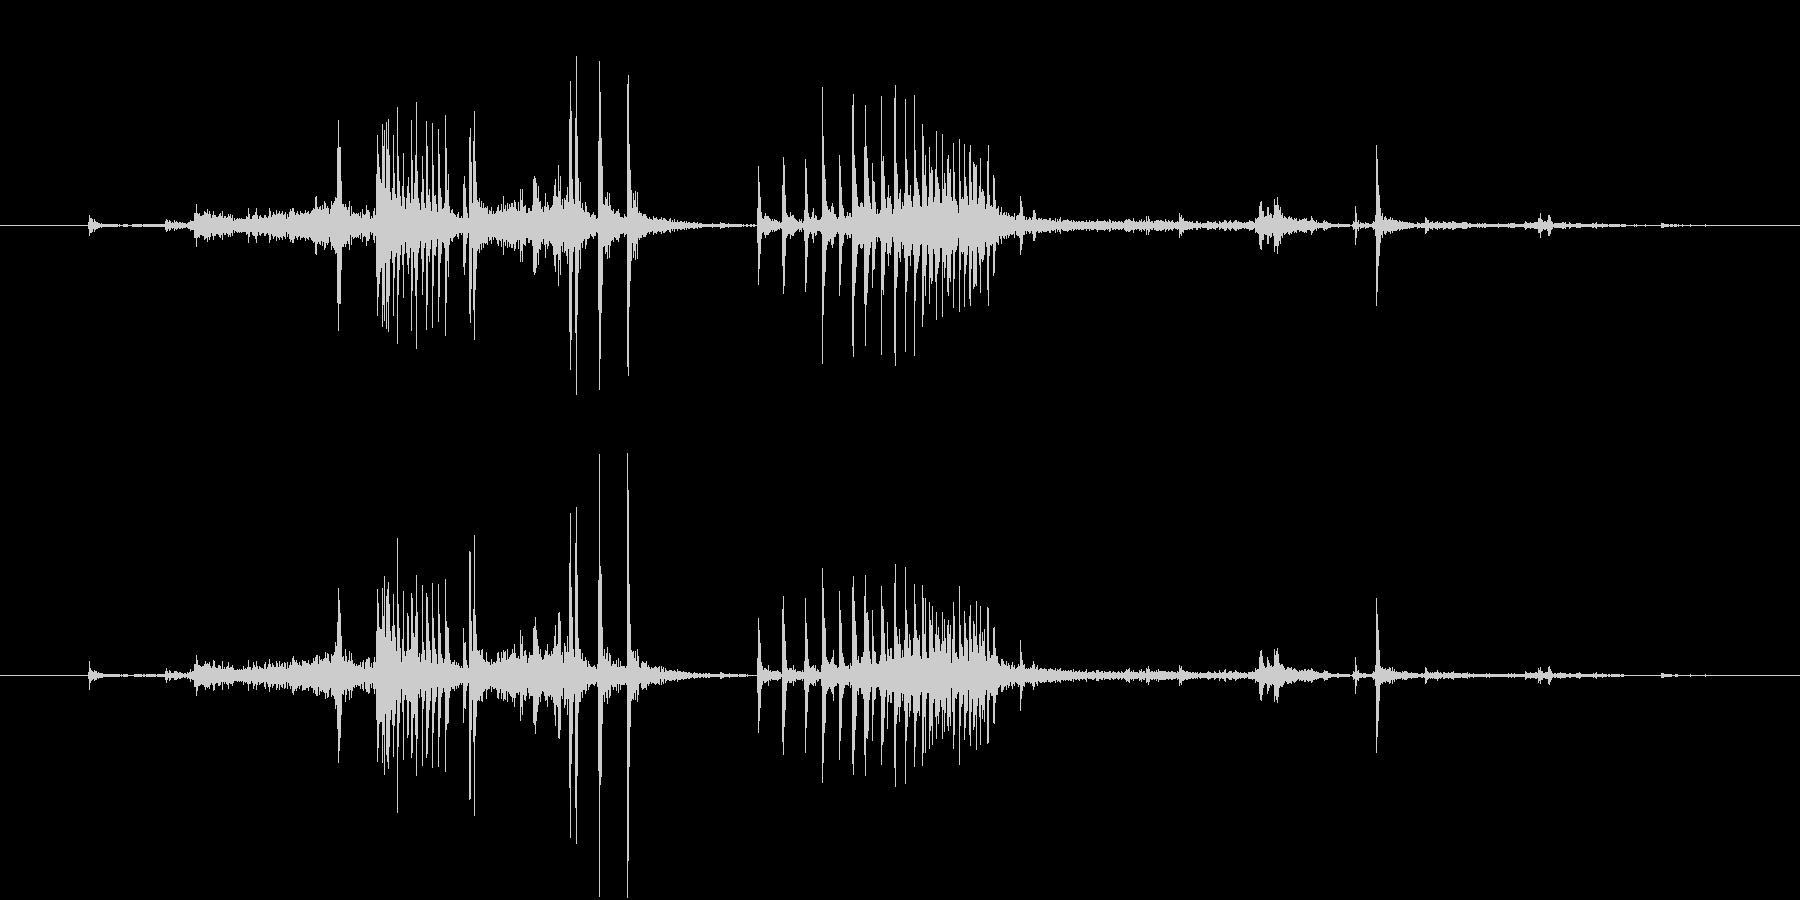 【生録音】弁当・惣菜パックの音 12の未再生の波形